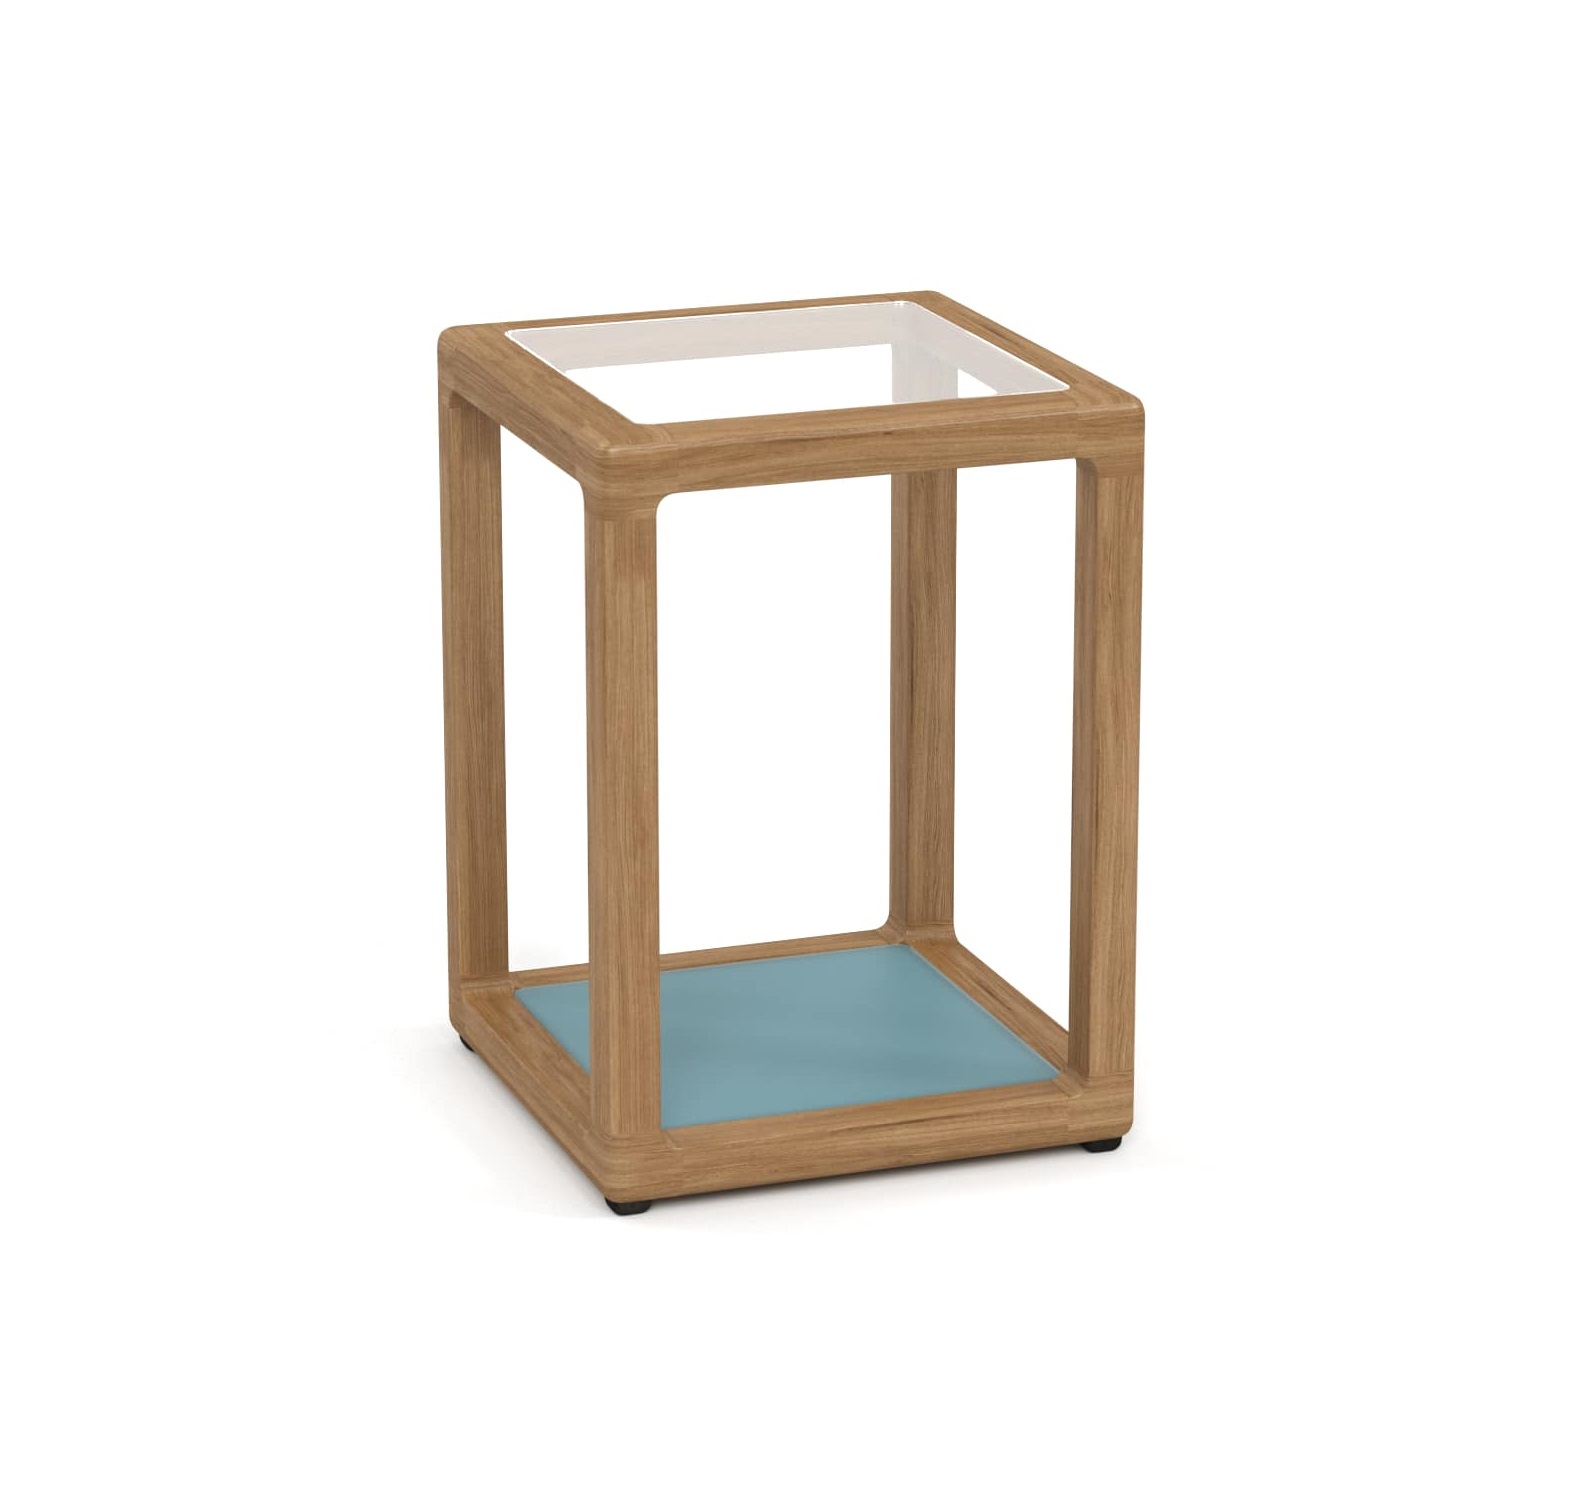 Столик придиванный SeagullСтолы и столики для сада<br>&amp;lt;div&amp;gt;Коллекция SEAGULL – воплощение природной простоты и естественного совершенства. Мебель привлекает тёплыми тонами, уникальностью материала и идеальными пропорциями. Стеклянные столешницы обеденных и журнальных столов по цвету гармонируют с тканью подушек, удобные диваны и «утопающие» кресла дарят ощущения спокойствия и комфорта.&amp;amp;nbsp;&amp;amp;nbsp;&amp;lt;/div&amp;gt;&amp;lt;div&amp;gt;&amp;lt;br&amp;gt;&amp;lt;/div&amp;gt;&amp;lt;div&amp;gt;Тик – прочная и твердая древесина, относится к ценным породам. Имеет темно-золотистый цвет и сохраняет его на протяжении очень длительного срока. Со временем приобретает благородный темно-серый или темно-коричневый цвет. Благодаря высокому содержанию природных масел, обладает высокой стойкостью против гниения, кислот и щелочей, не вызывает коррозию металлов. Тик содержит кислоты кремния и танина, придающие материалу стойкость к воздействию вредных внешних факторов. Древесина тика не подвержена воздействию термитов, не требует дополнительной антибактериальной обработки. Мебель из тика допускает круглогодичную эксплуатацию на открытом воздухе, выдерживает перепады температур от –30 до +30С. Срок службы более 25 лет.&amp;lt;/div&amp;gt;&amp;lt;div&amp;gt;&amp;lt;br&amp;gt;&amp;lt;/div&amp;gt;&amp;lt;div&amp;gt;&amp;lt;br&amp;gt;&amp;lt;/div&amp;gt;&amp;lt;div&amp;gt;Вся фурнитура изготовлена из нержавеющей стали на собственном производстве.&amp;lt;/div&amp;gt;&amp;lt;div&amp;gt;&amp;lt;br&amp;gt;&amp;lt;/div&amp;gt;<br><br>&amp;lt;iframe width=&amp;quot;530&amp;quot; height=&amp;quot;300&amp;quot; src=&amp;quot;https://www.youtube.com/embed/uL9Kujh07kc&amp;quot; frameborder=&amp;quot;0&amp;quot; allowfullscreen=&amp;quot;&amp;quot;&amp;gt;&amp;lt;/iframe&amp;gt;<br><br>Material: Тик<br>Ширина см: 40.0<br>Глубина см: 40.0